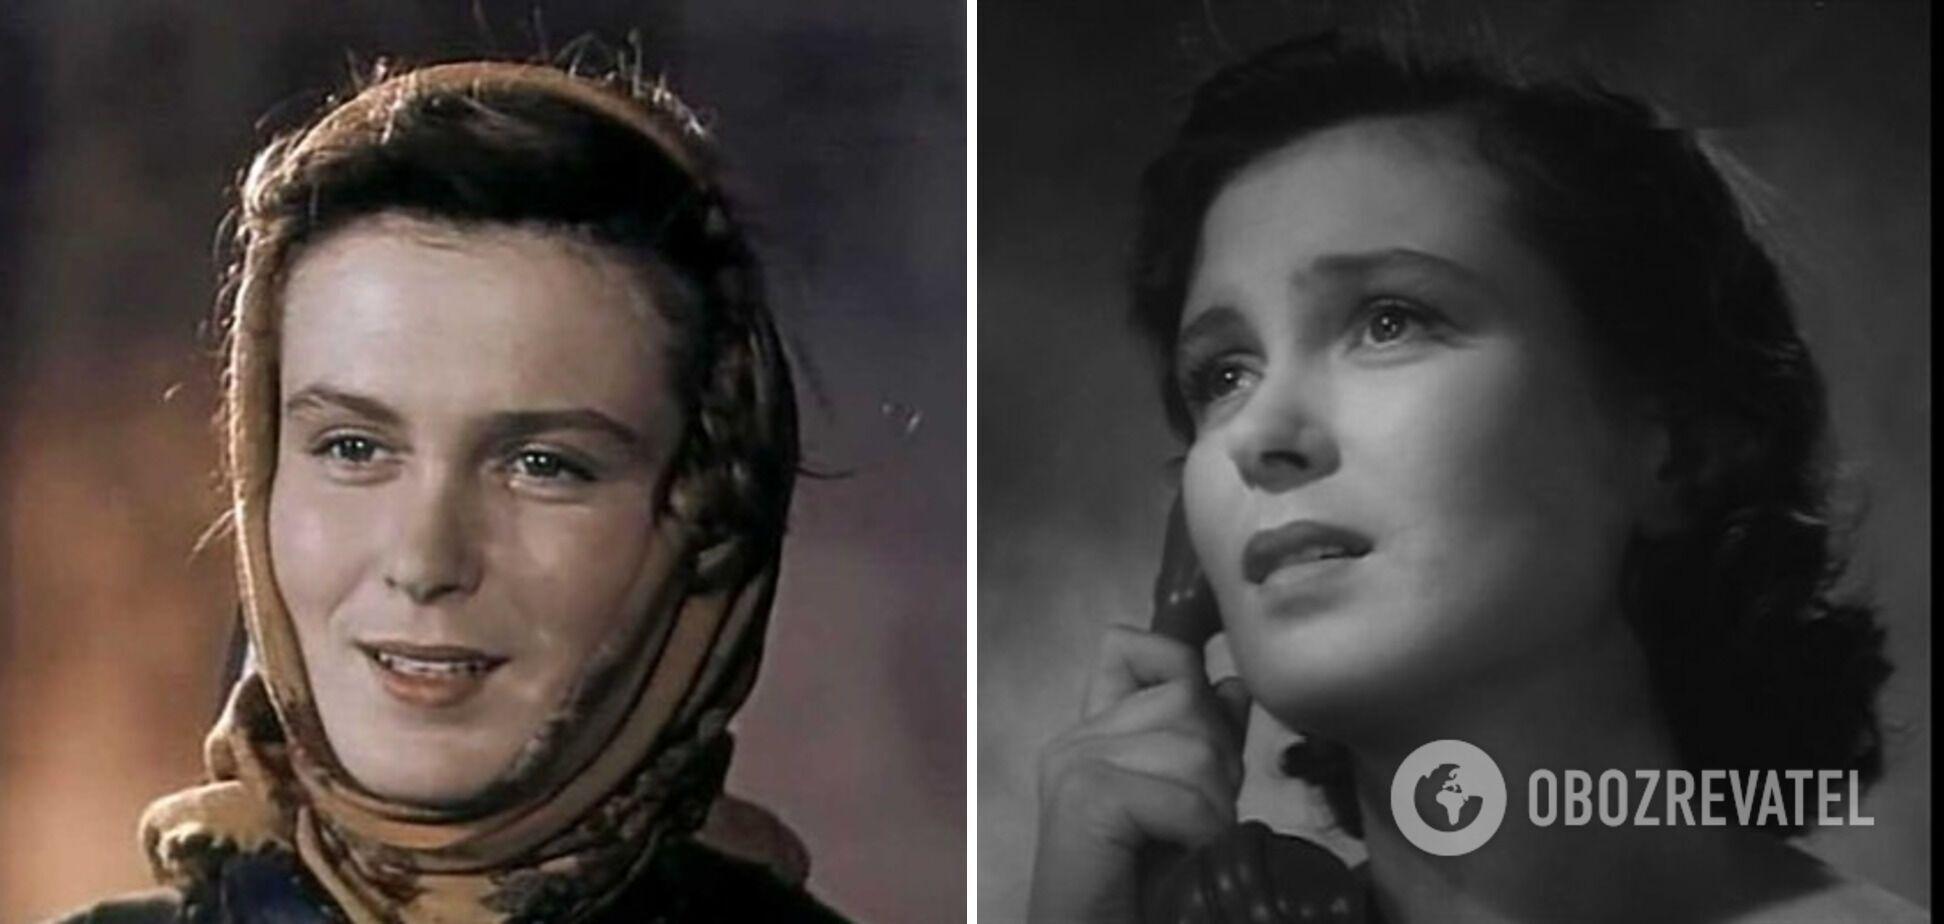 Ізольда Ізвіцька знялася у двох десятках кінокартин